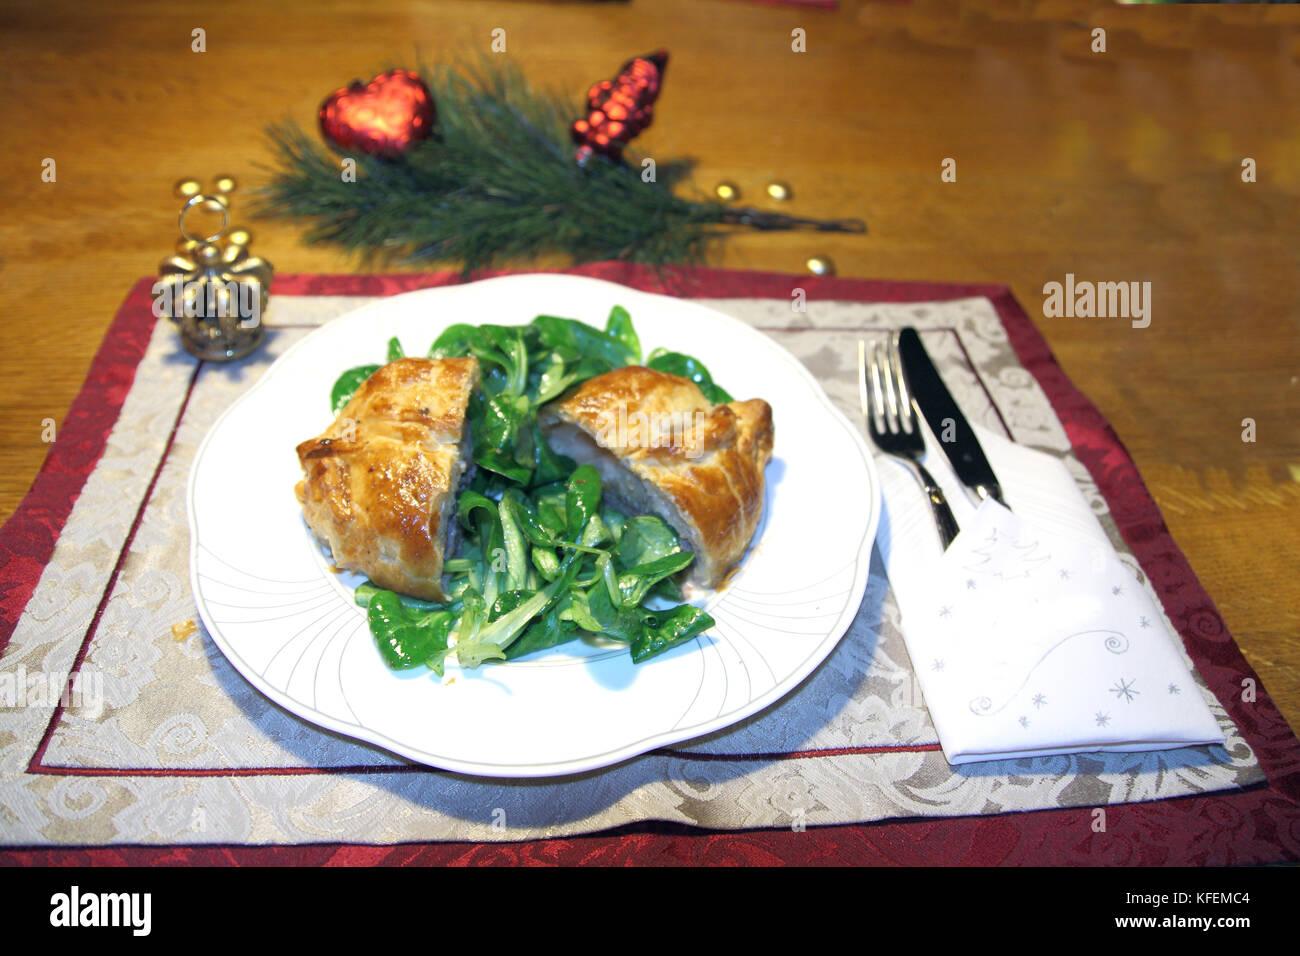 Rinderfilet, Filet in Blätterteig mit Feldsalat an Weihnachten - Stock Image